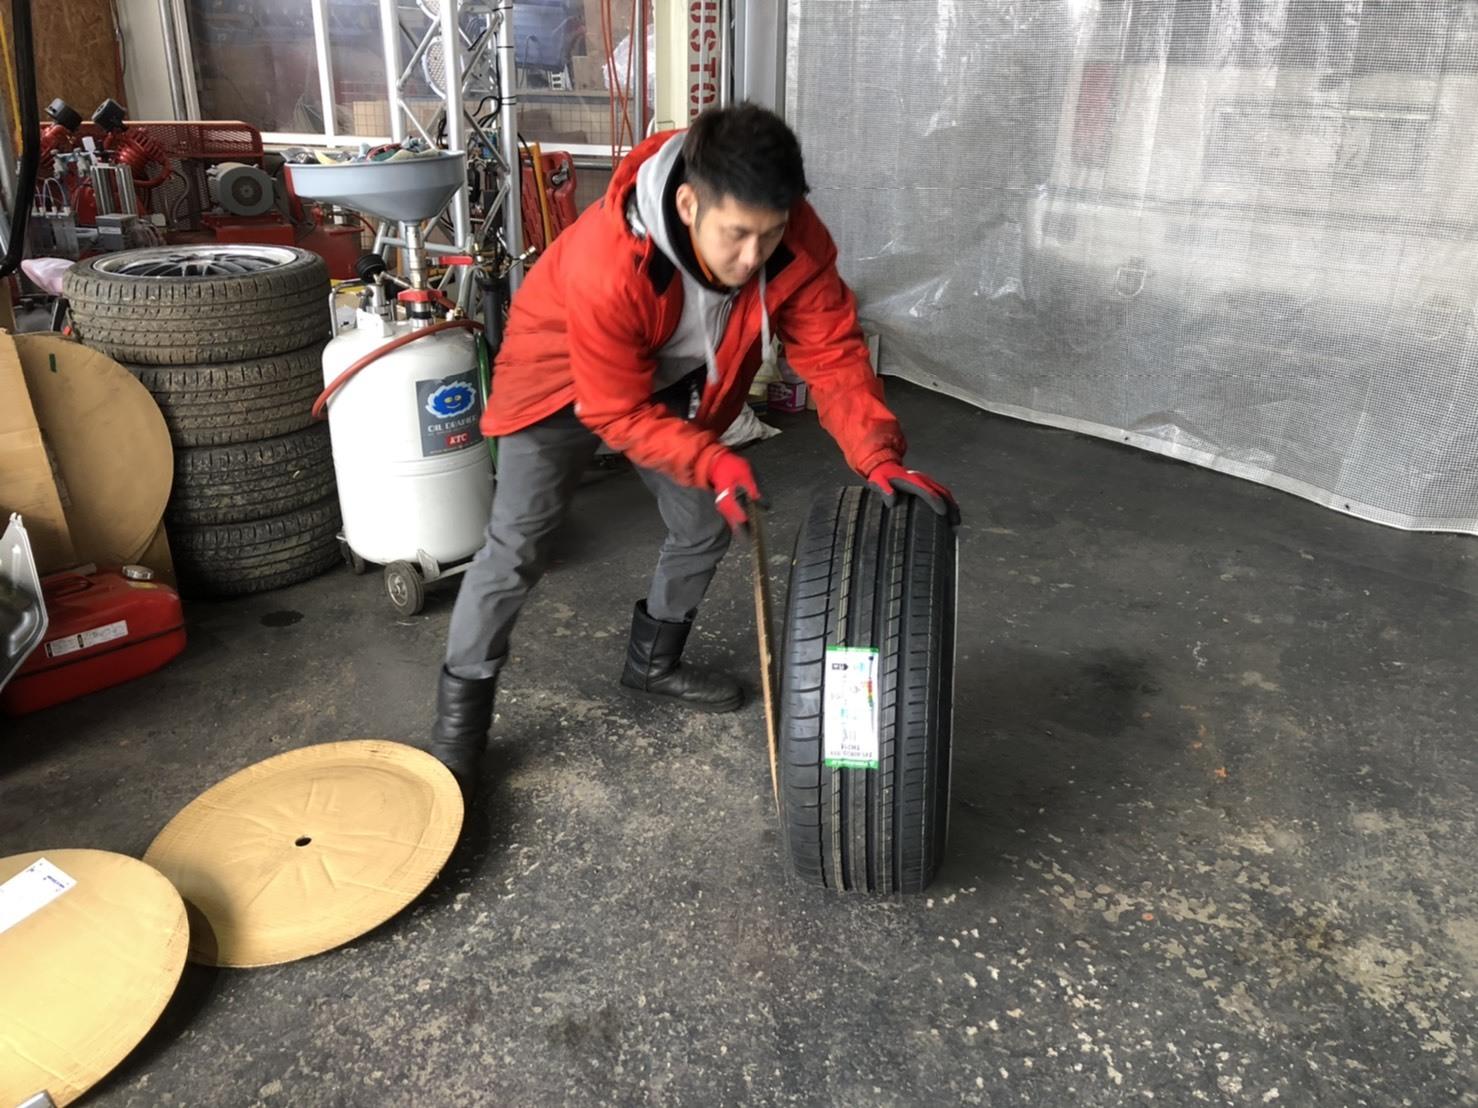 12月22日(日)TOMMYBASEブログ☆S様エブリィワゴン納車✨✨レクサス専門♬スバル車多数🎶限定車♬希少車🎶レガシィ♬フォレスター☆自社ローン_b0127002_16480193.jpg